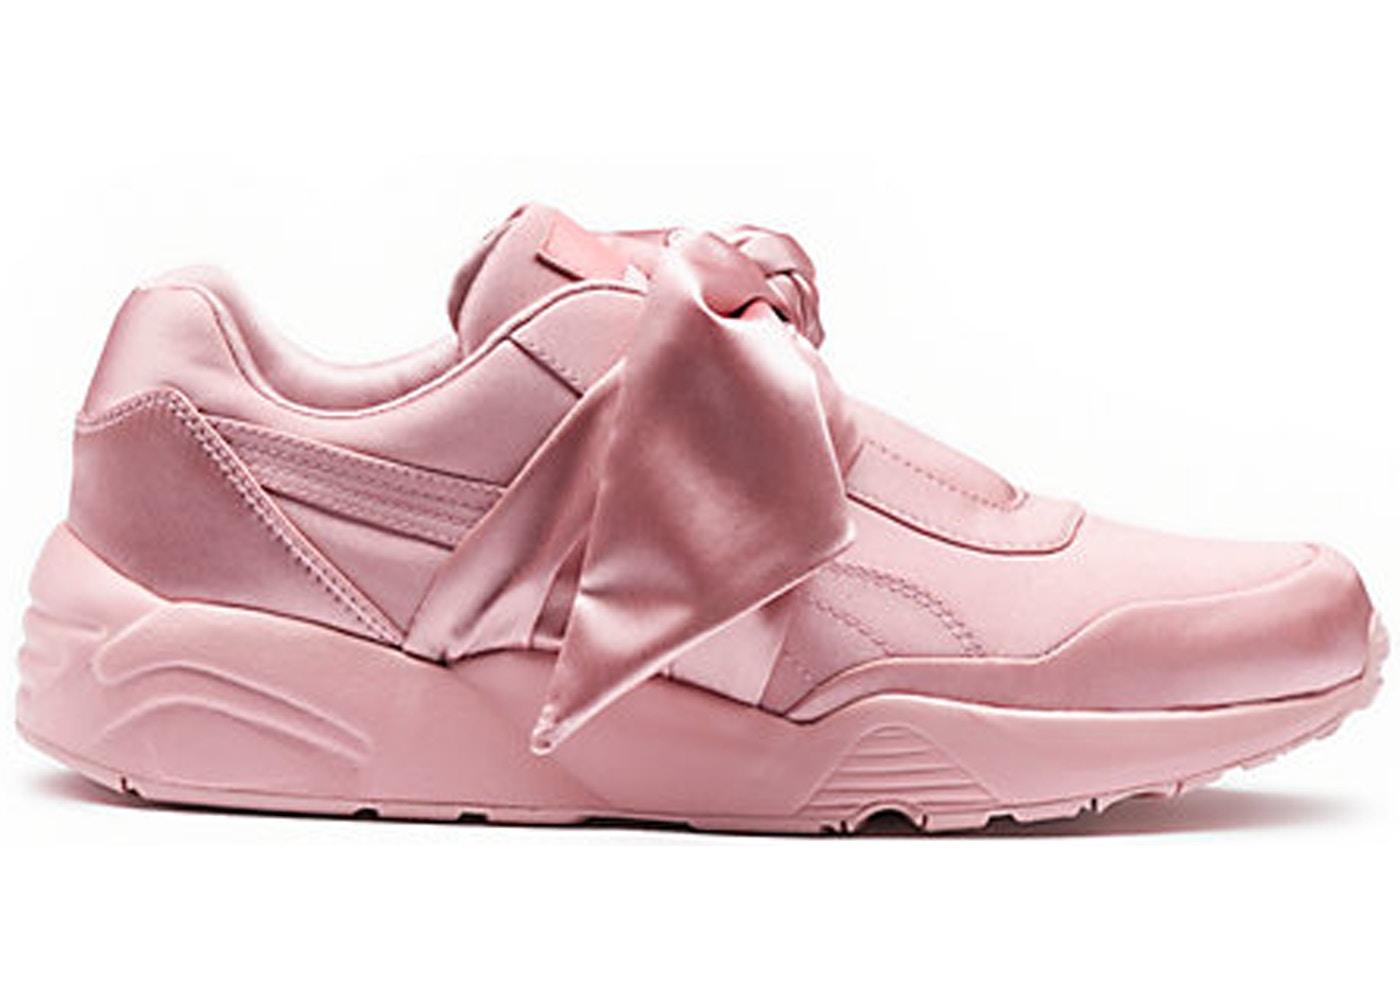 wholesale dealer 3eba7 16120 Footwear - New Lowest Asks